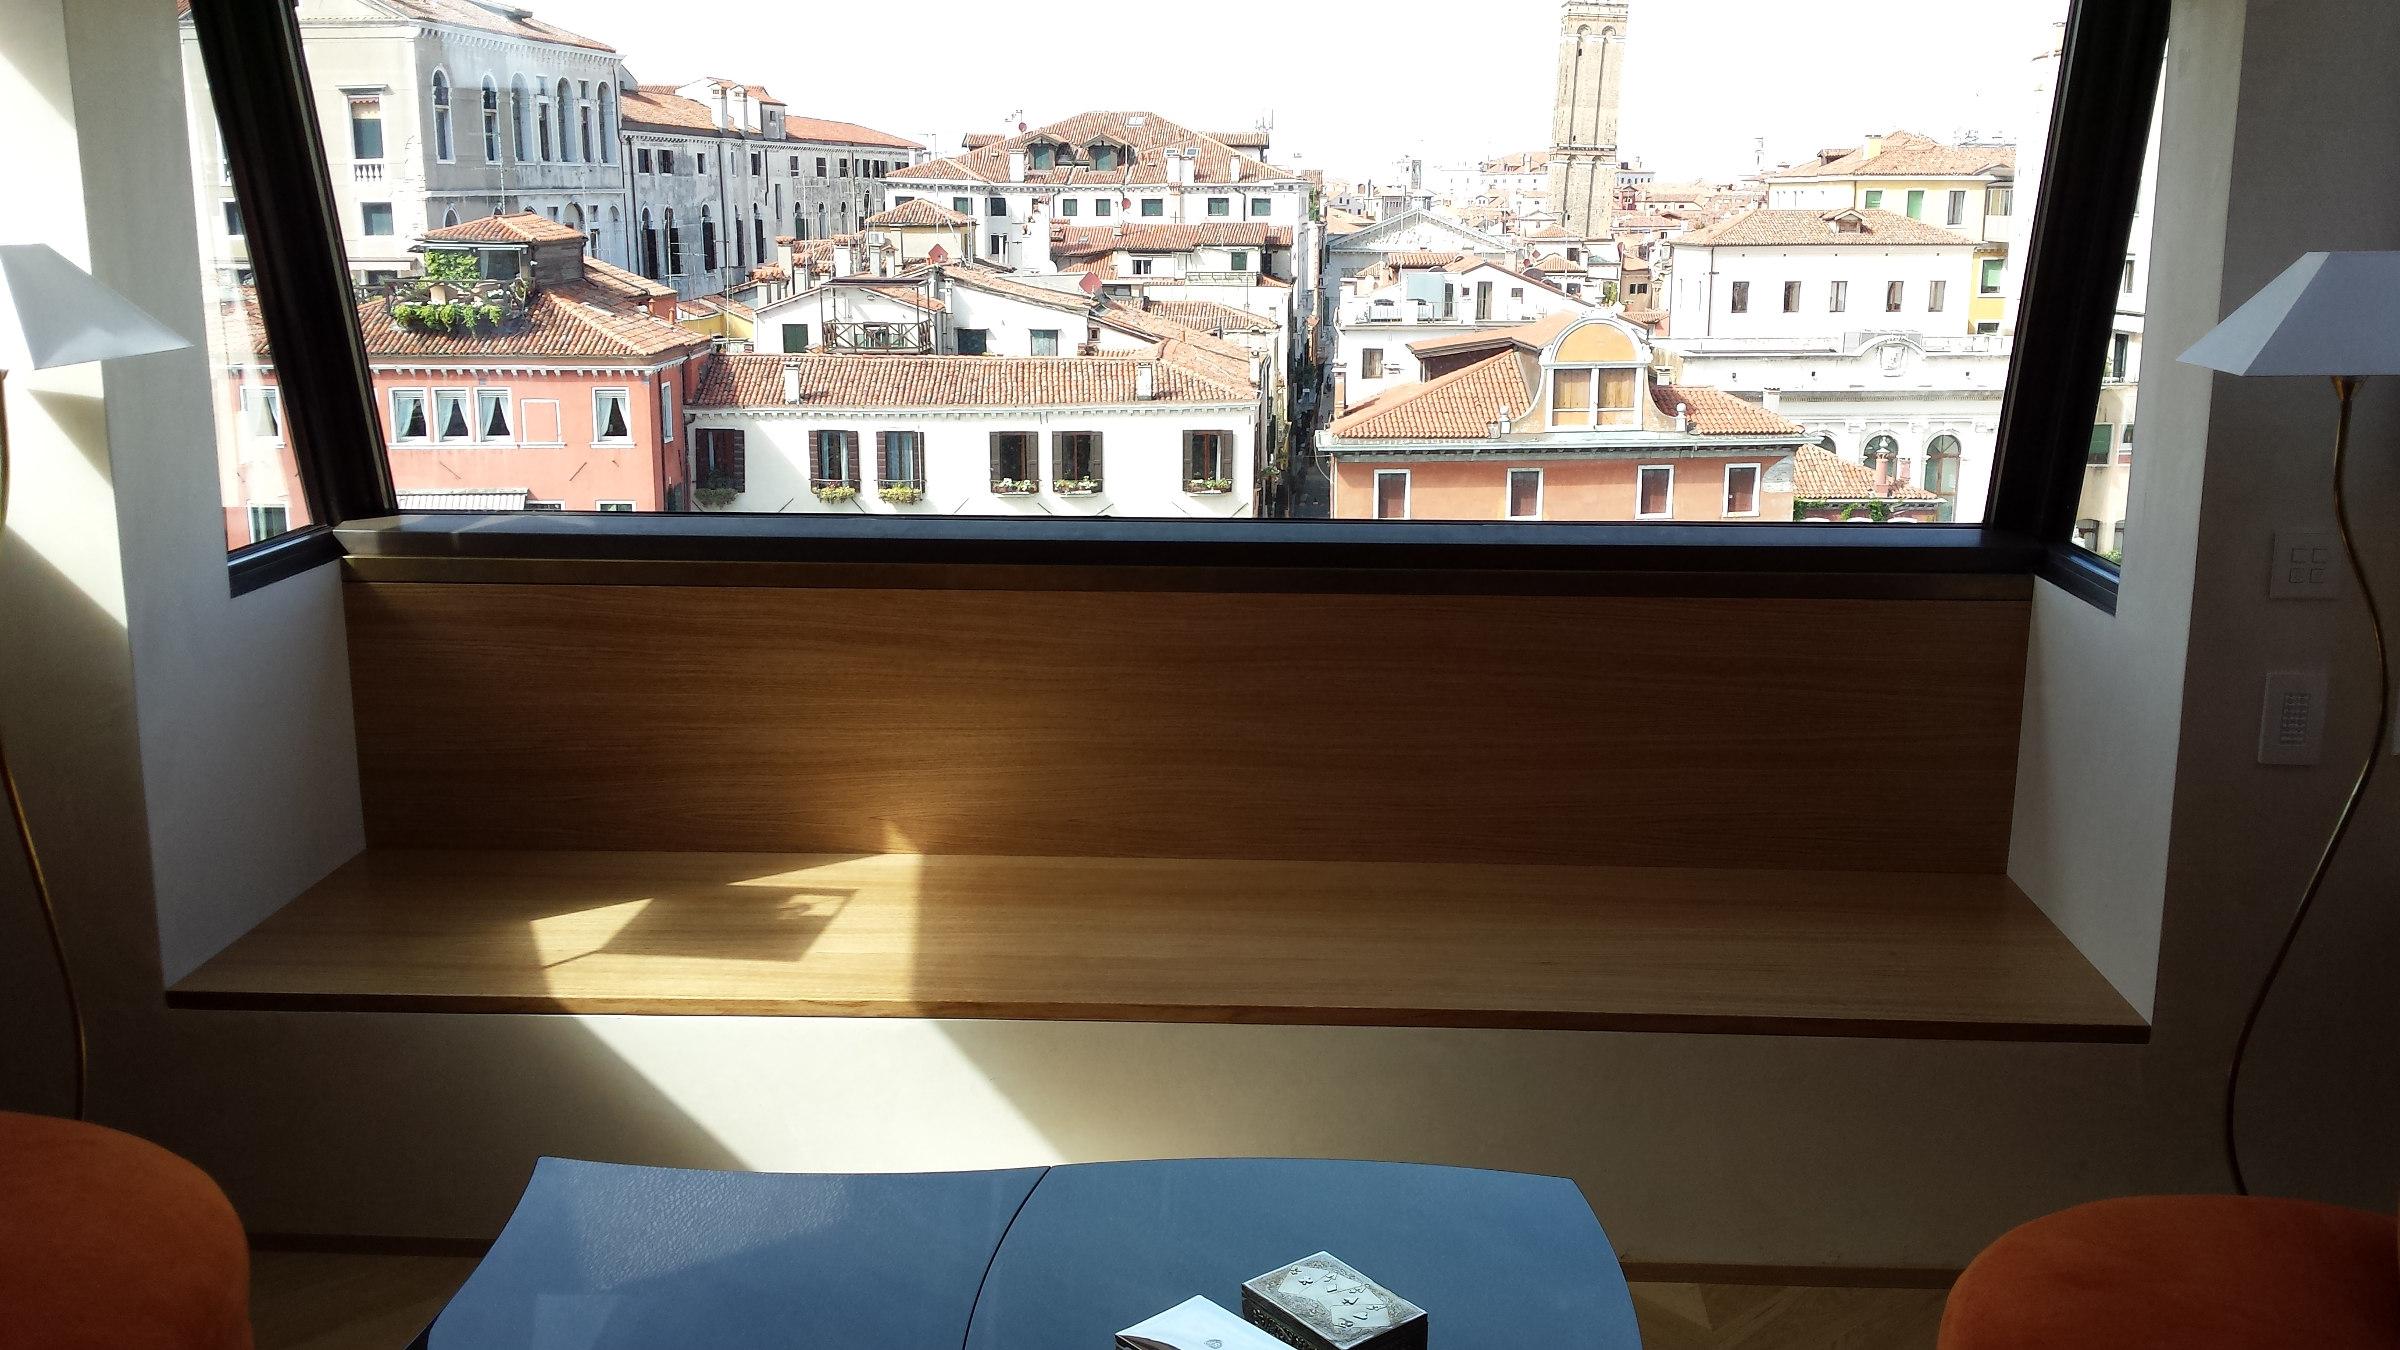 Restauro di un palazzo storico a venezia for Arredamento venezia